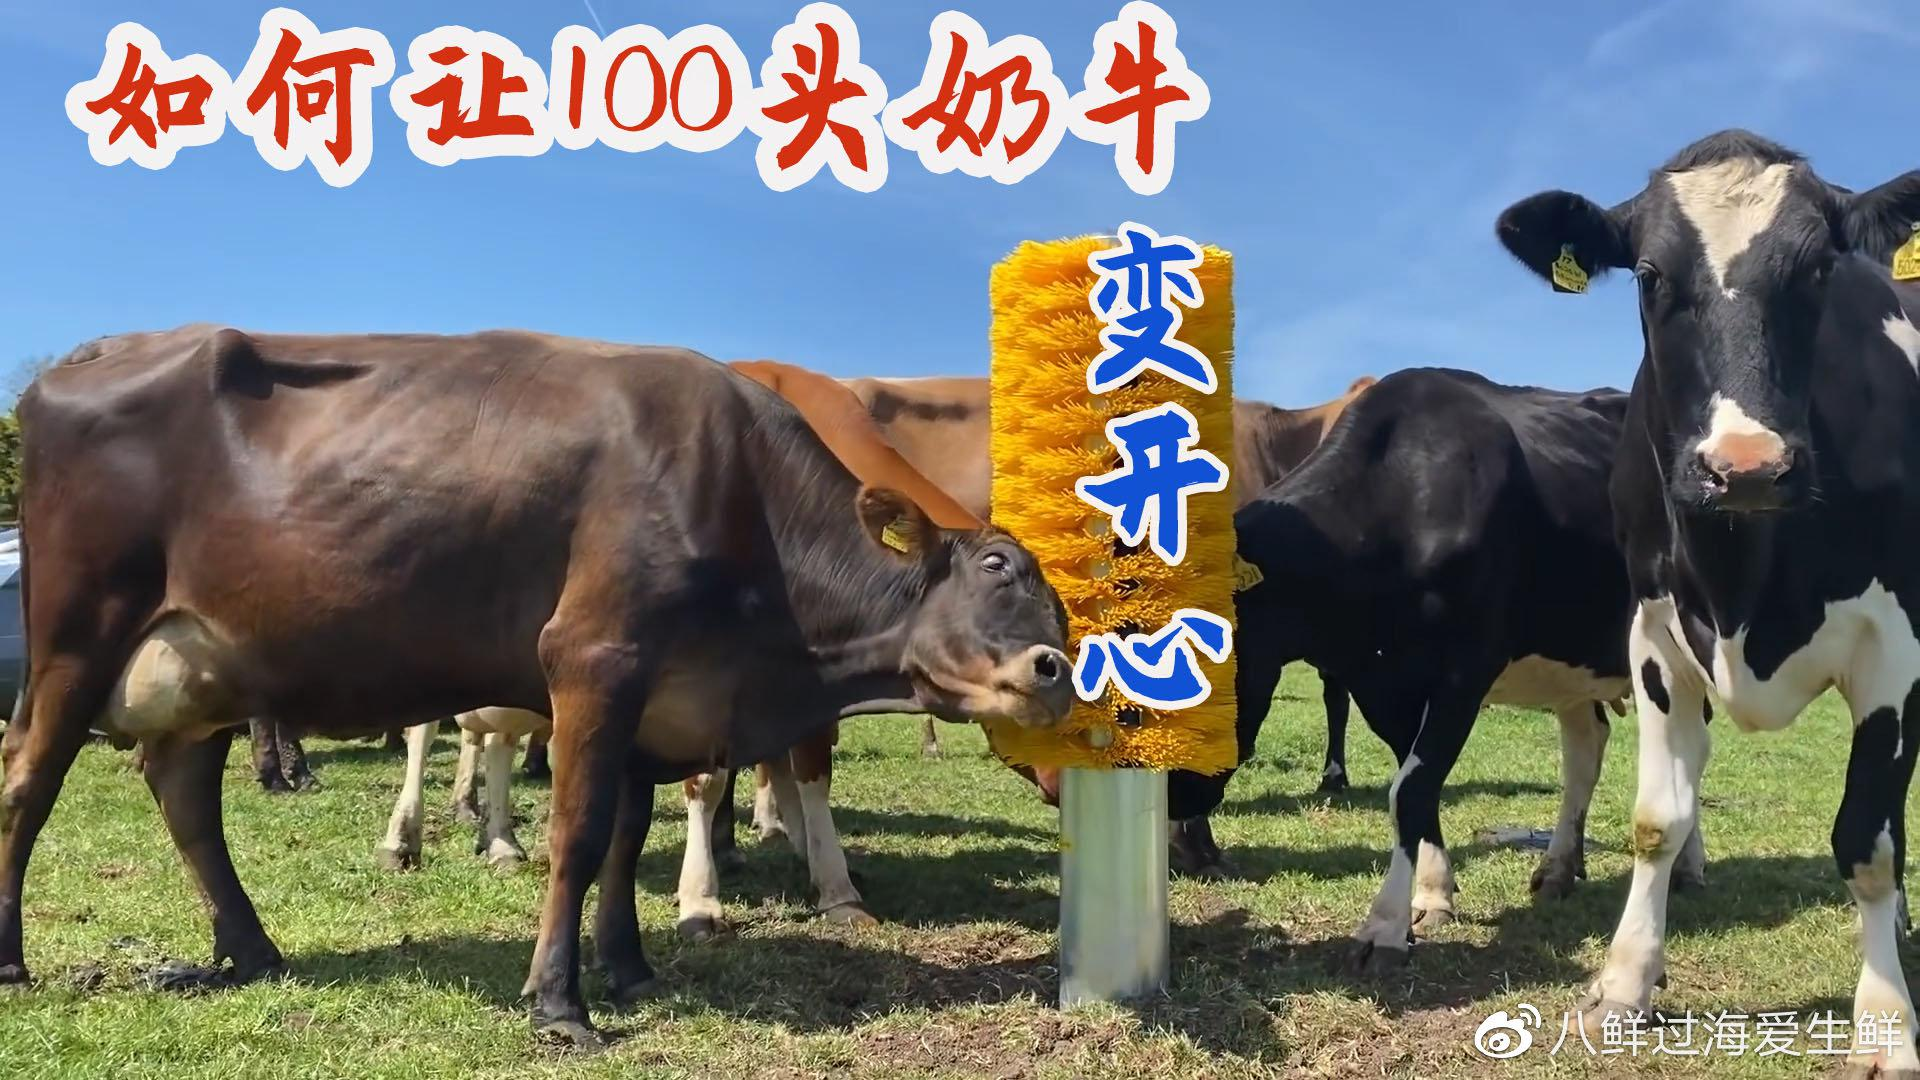 如何让牧场100头母奶牛变开心?英国奶农发明了一套福利工具!